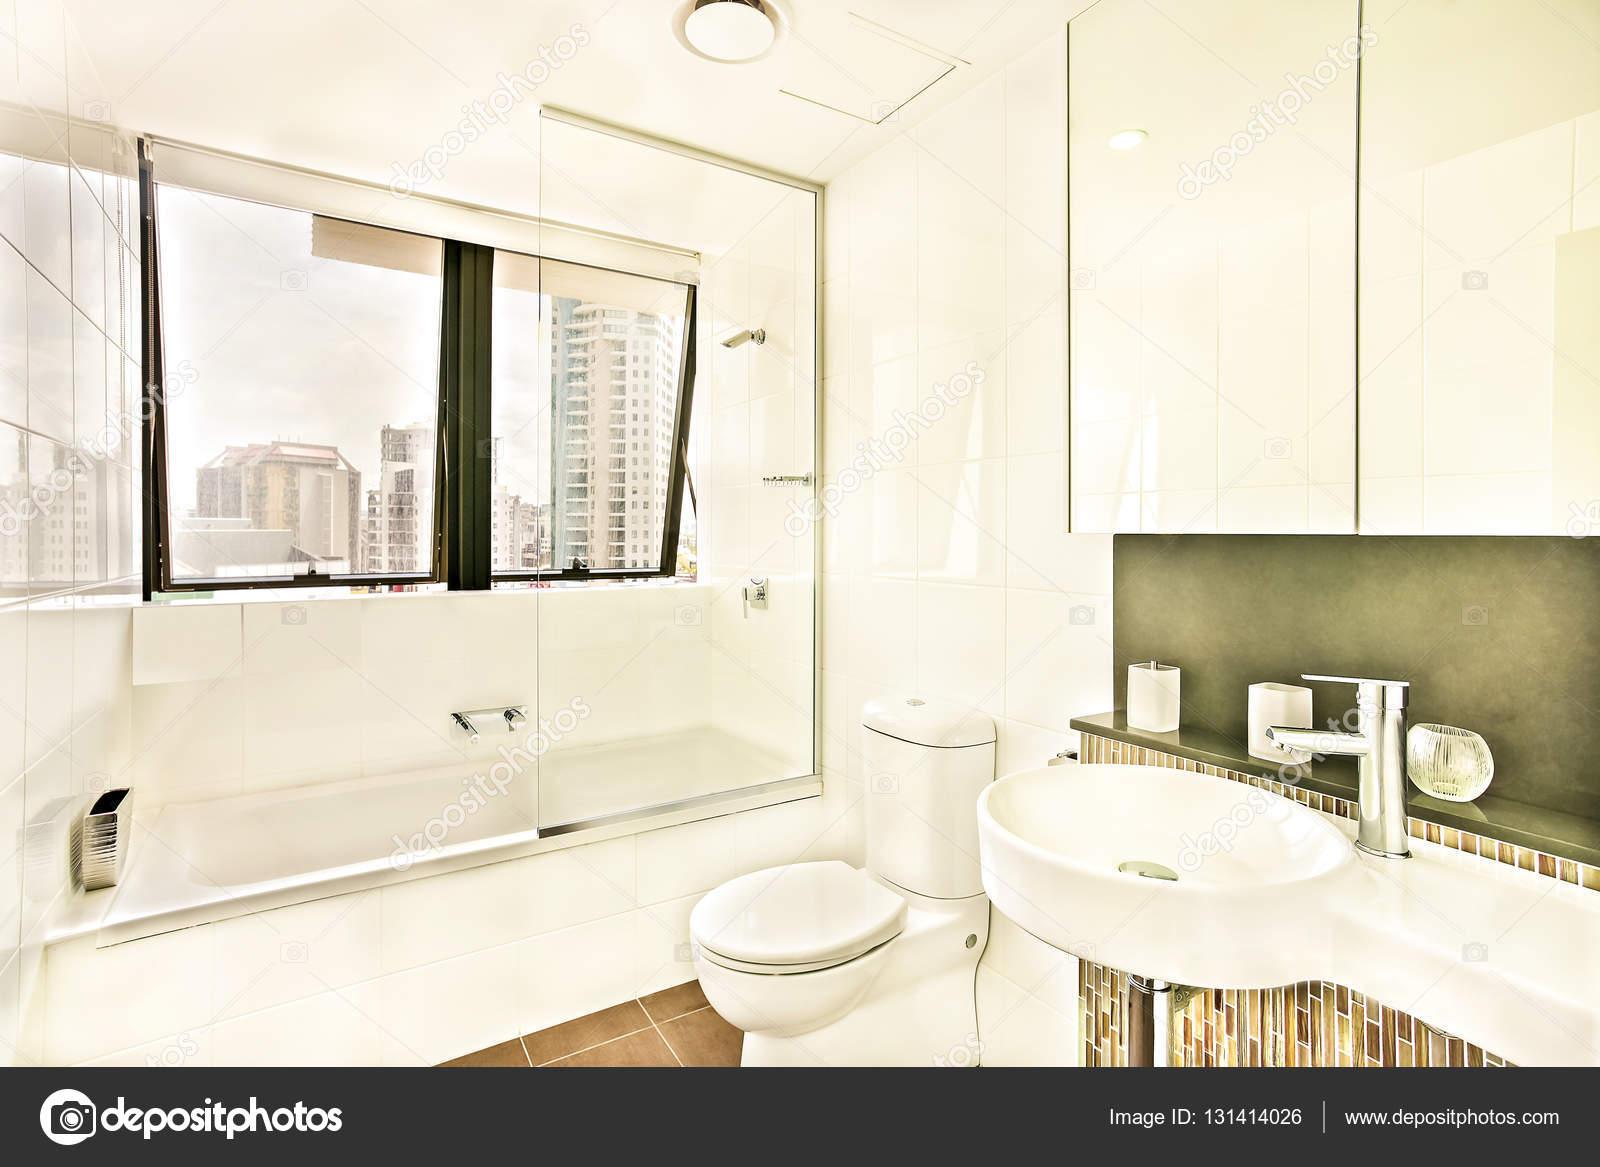 Bagno vicino a finestre di vetro con piastrelle foto stock jrstock1 131414026 - Stock piastrelle bagno ...